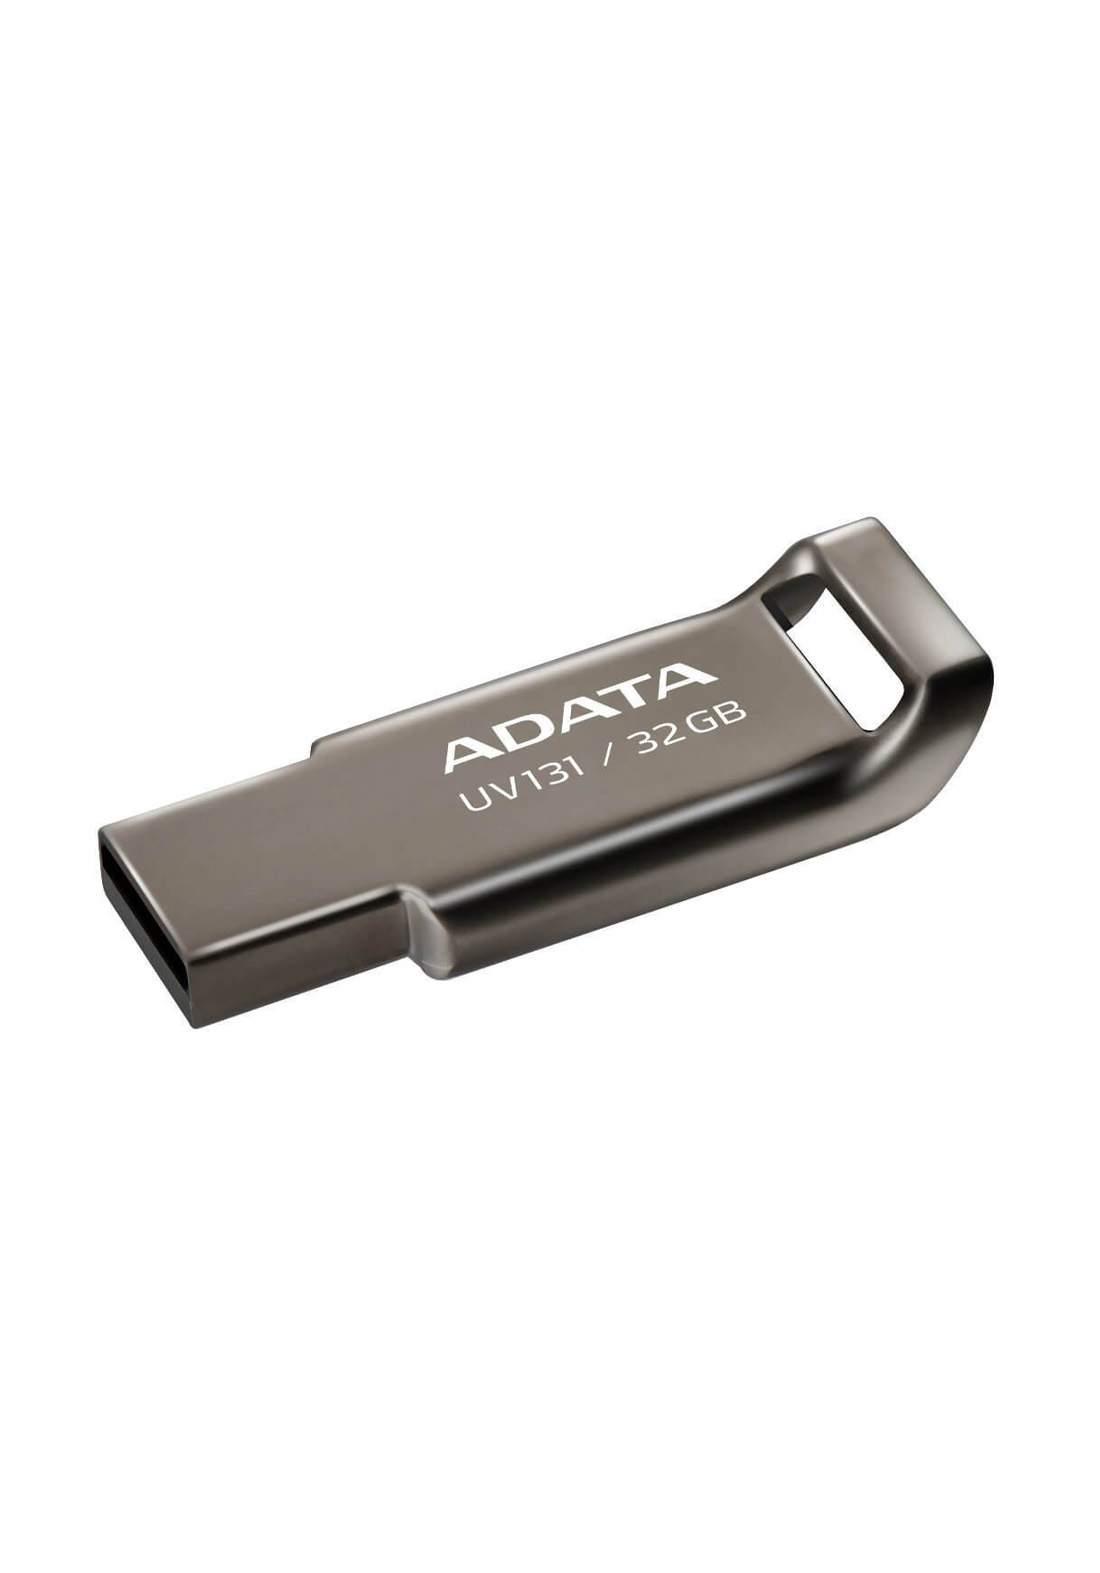 Adata UV131 USB 3.2 Flash Drive - 32 GB - Gray  فلاش